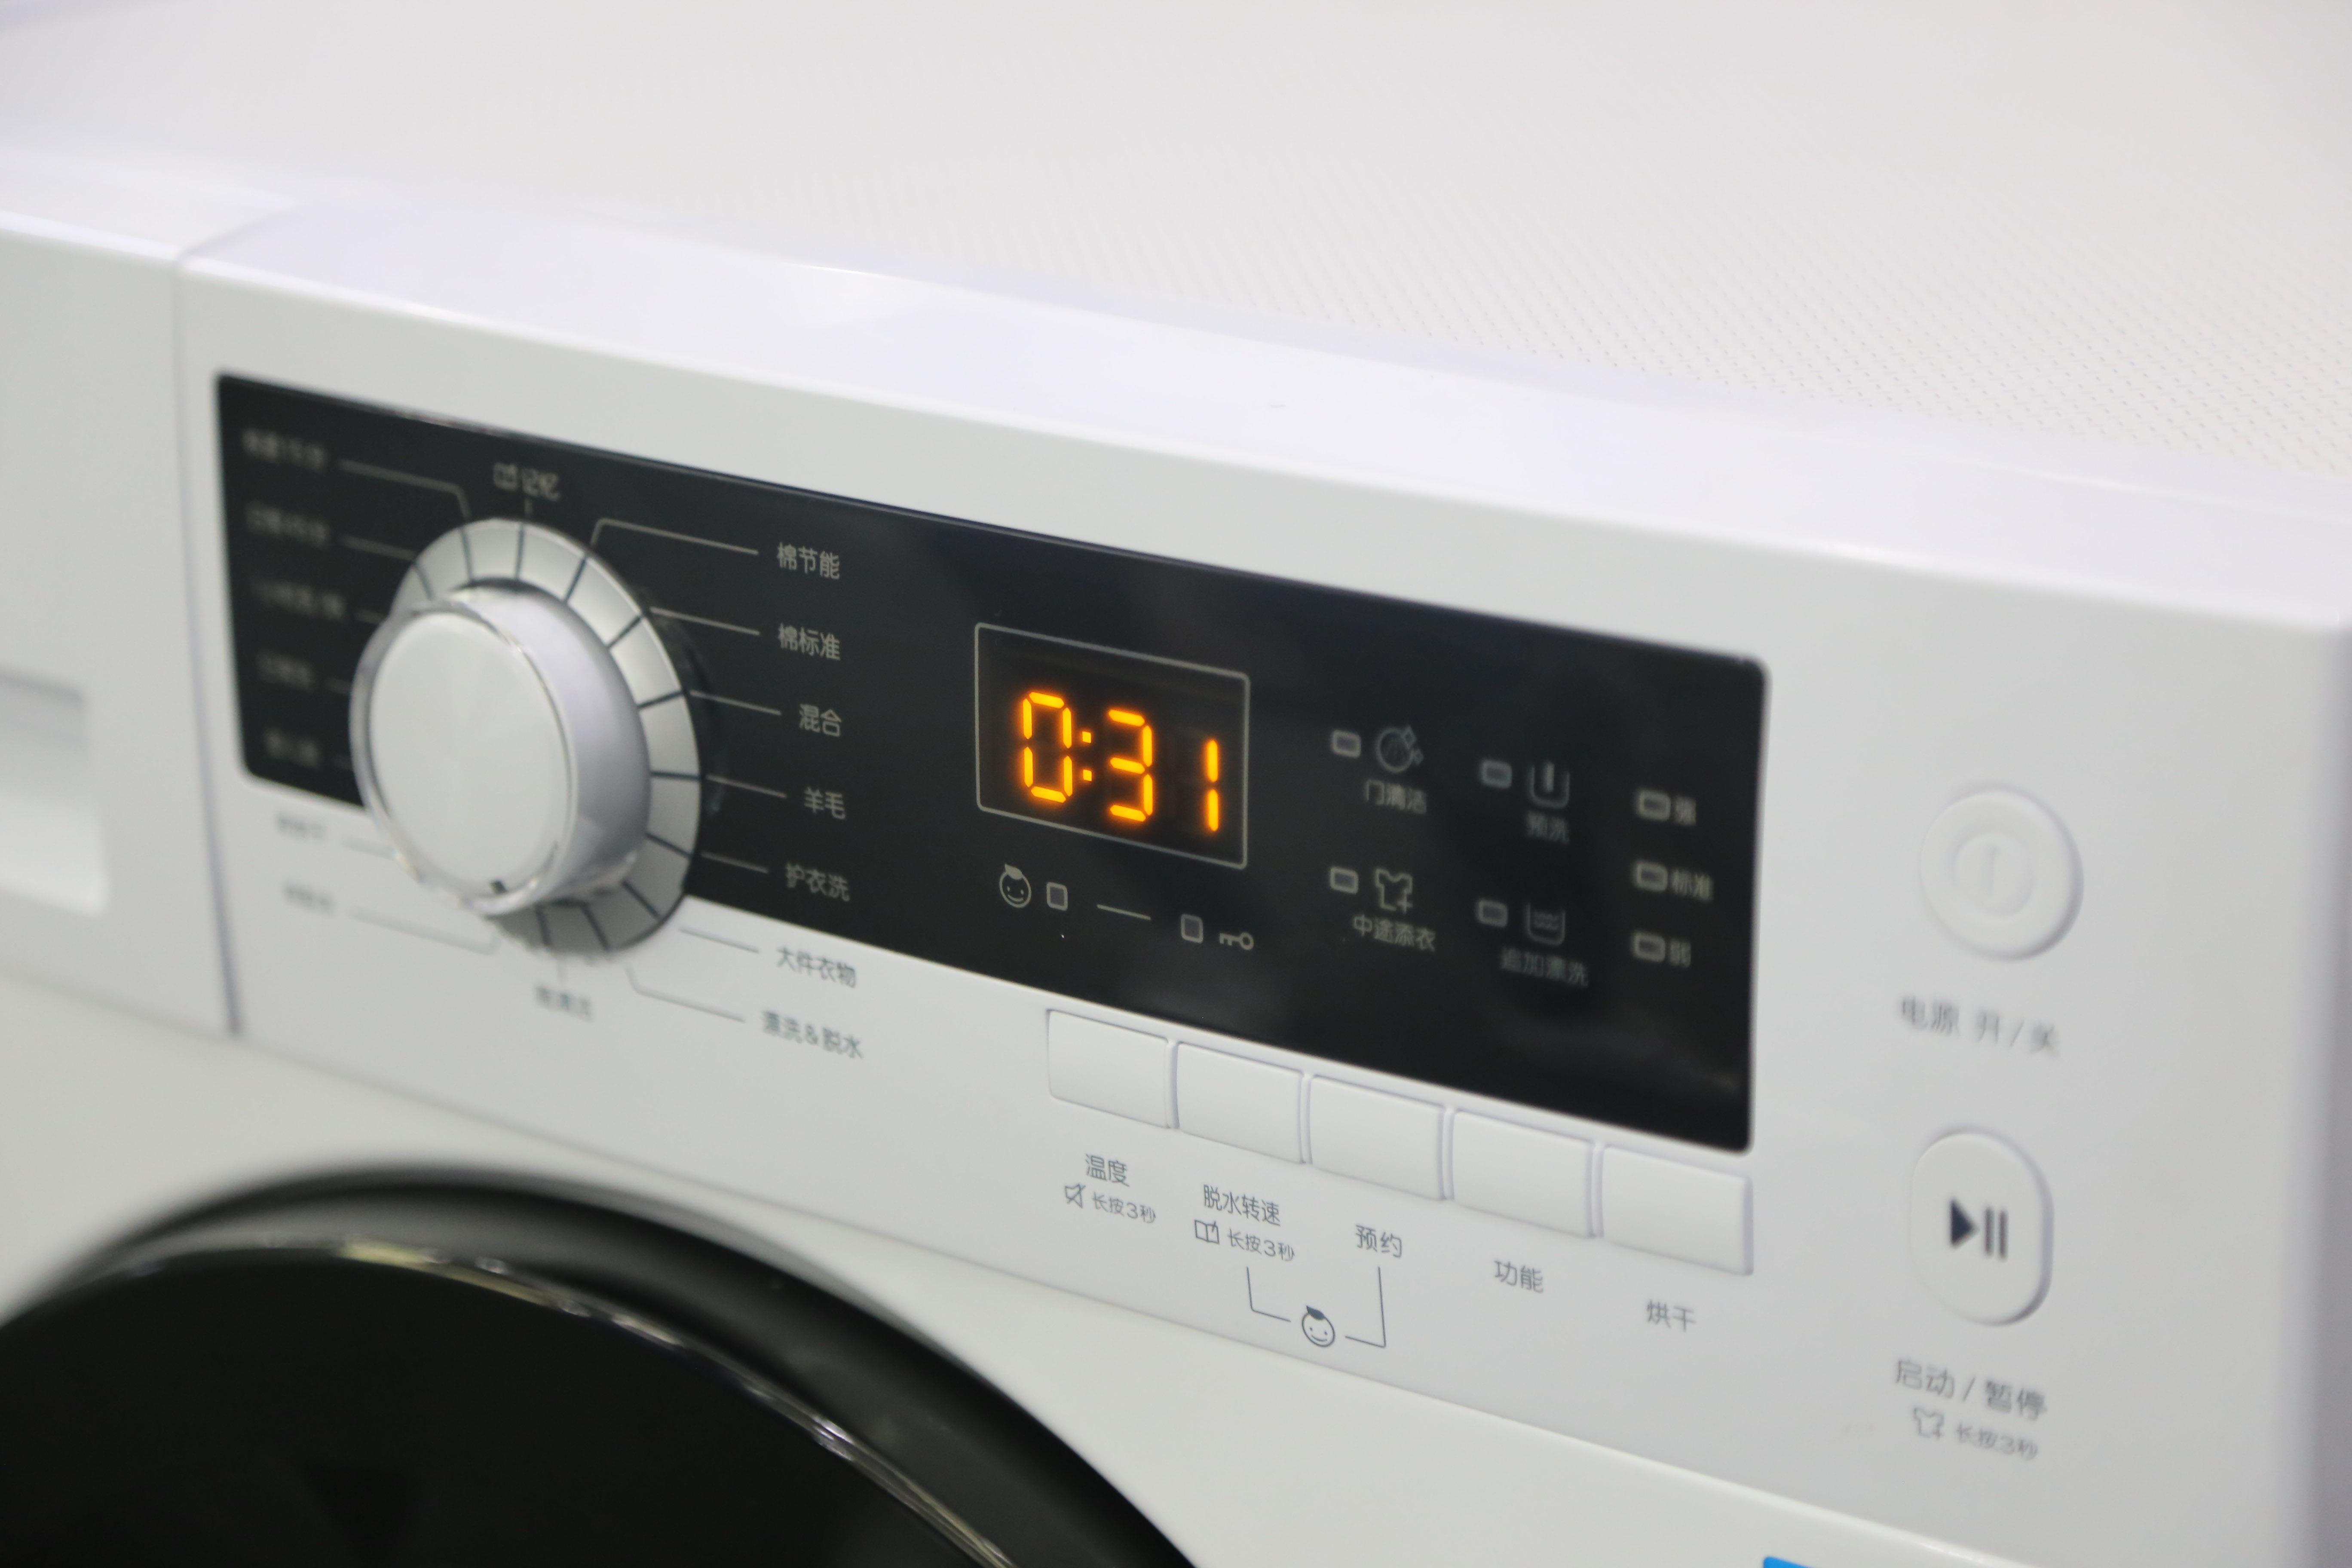 疏松理衣,日立<a href=http://www.qhea.com/xiyiji/ target=_blank class=infotextkey>洗衣机</a>BD-D80CVE年底钜惠解锁洗衣新技能